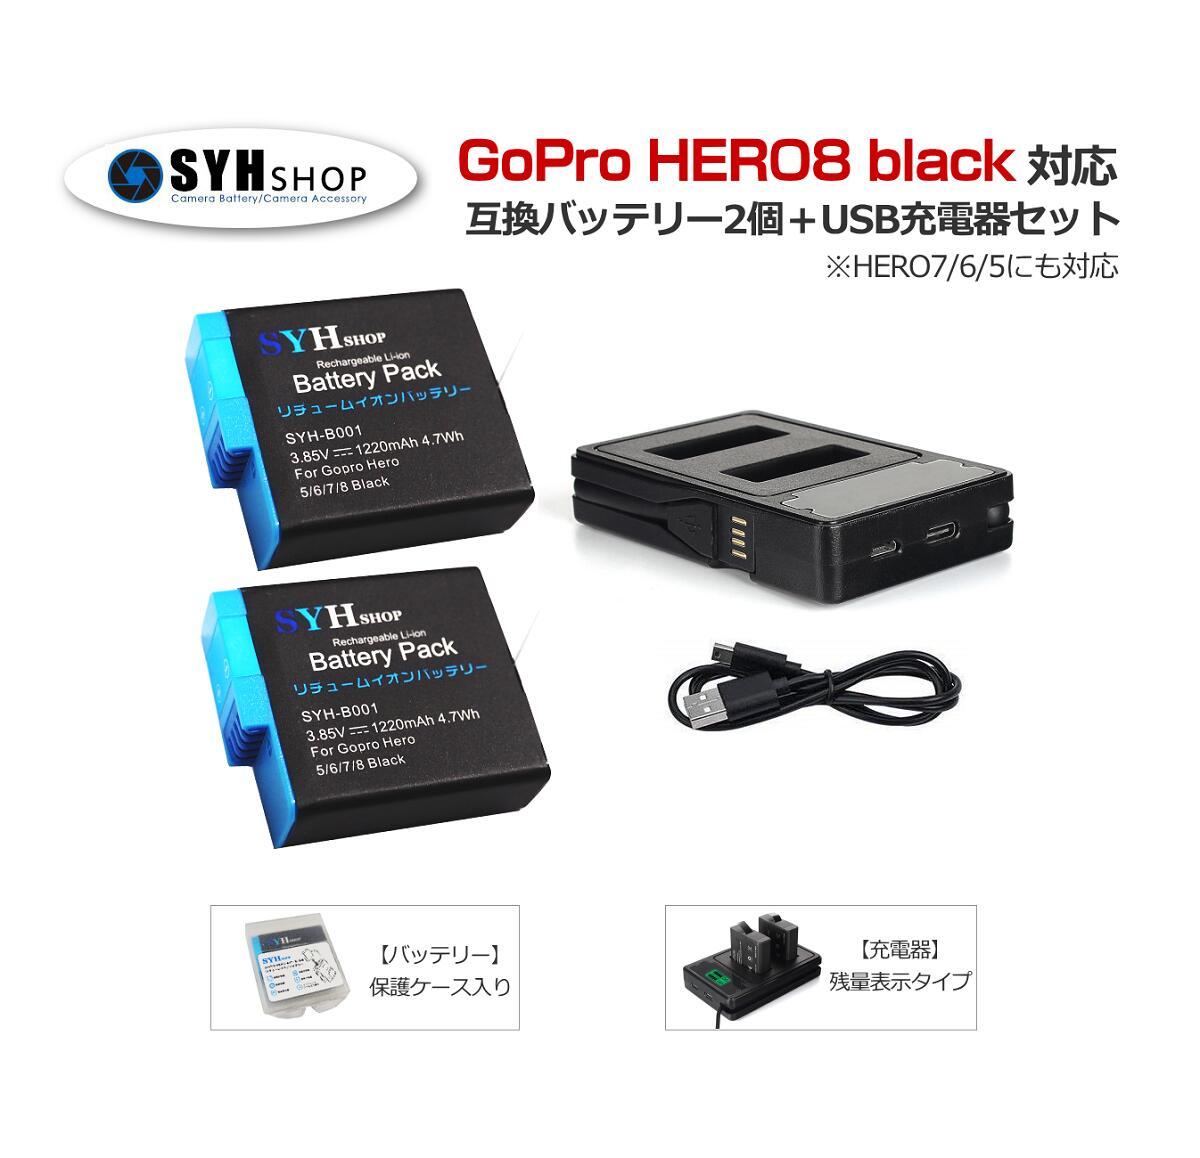 あす楽 365日発送 GoPro HERO8 black HERO7 HERO6 HERO5 SYH USBデュアルバッテリー充電器 保護ケース入り S-11 SHOPオリジナル互換バッテリー2個 対応 ギフト アクセサリー ●スーパーSALE● セール期間限定